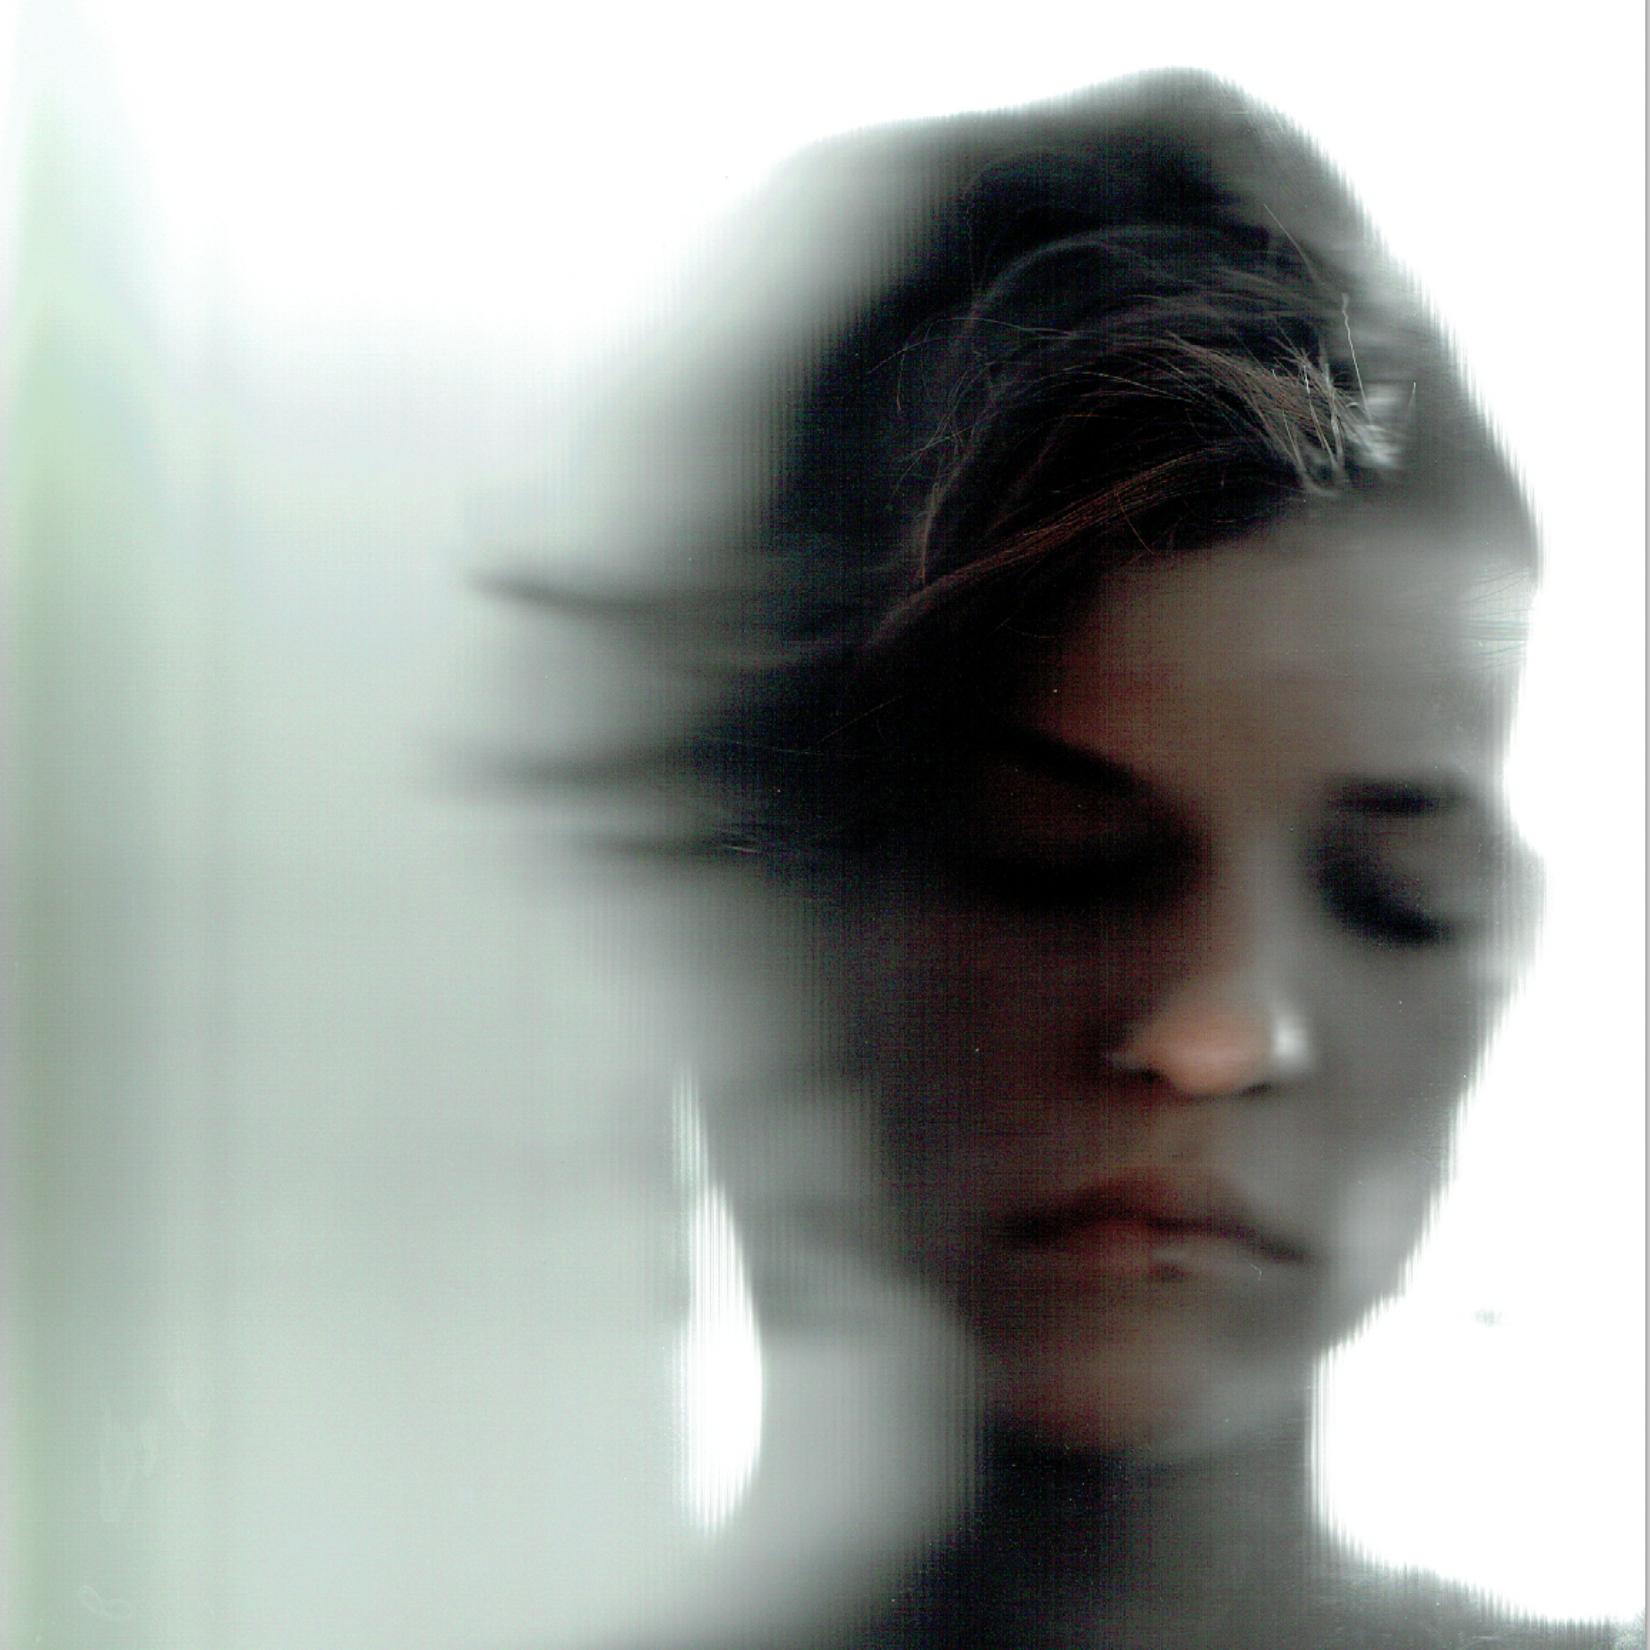 Abaroa__A traves del espejo distorsionan